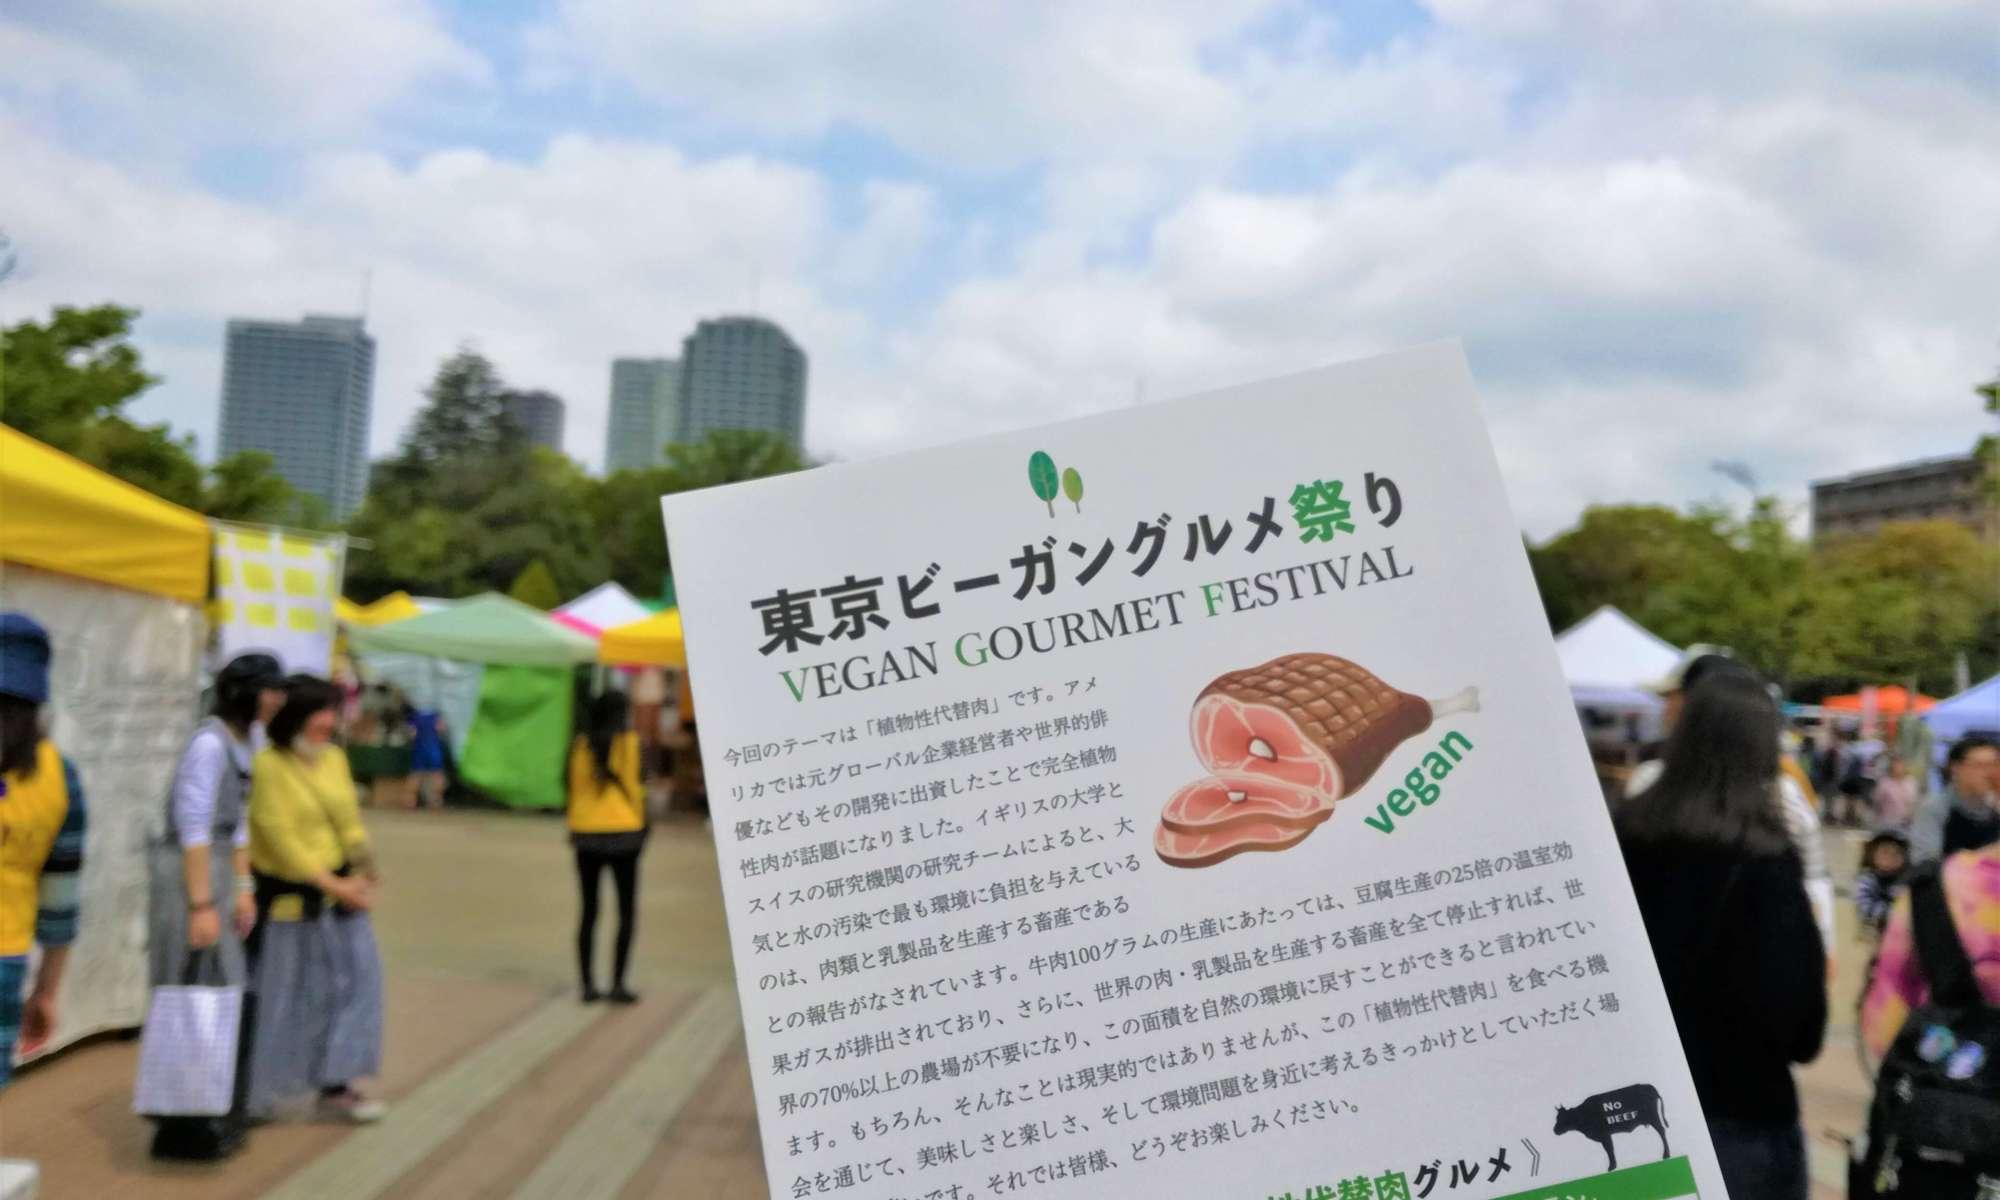 東京ビーガングルメ祭り